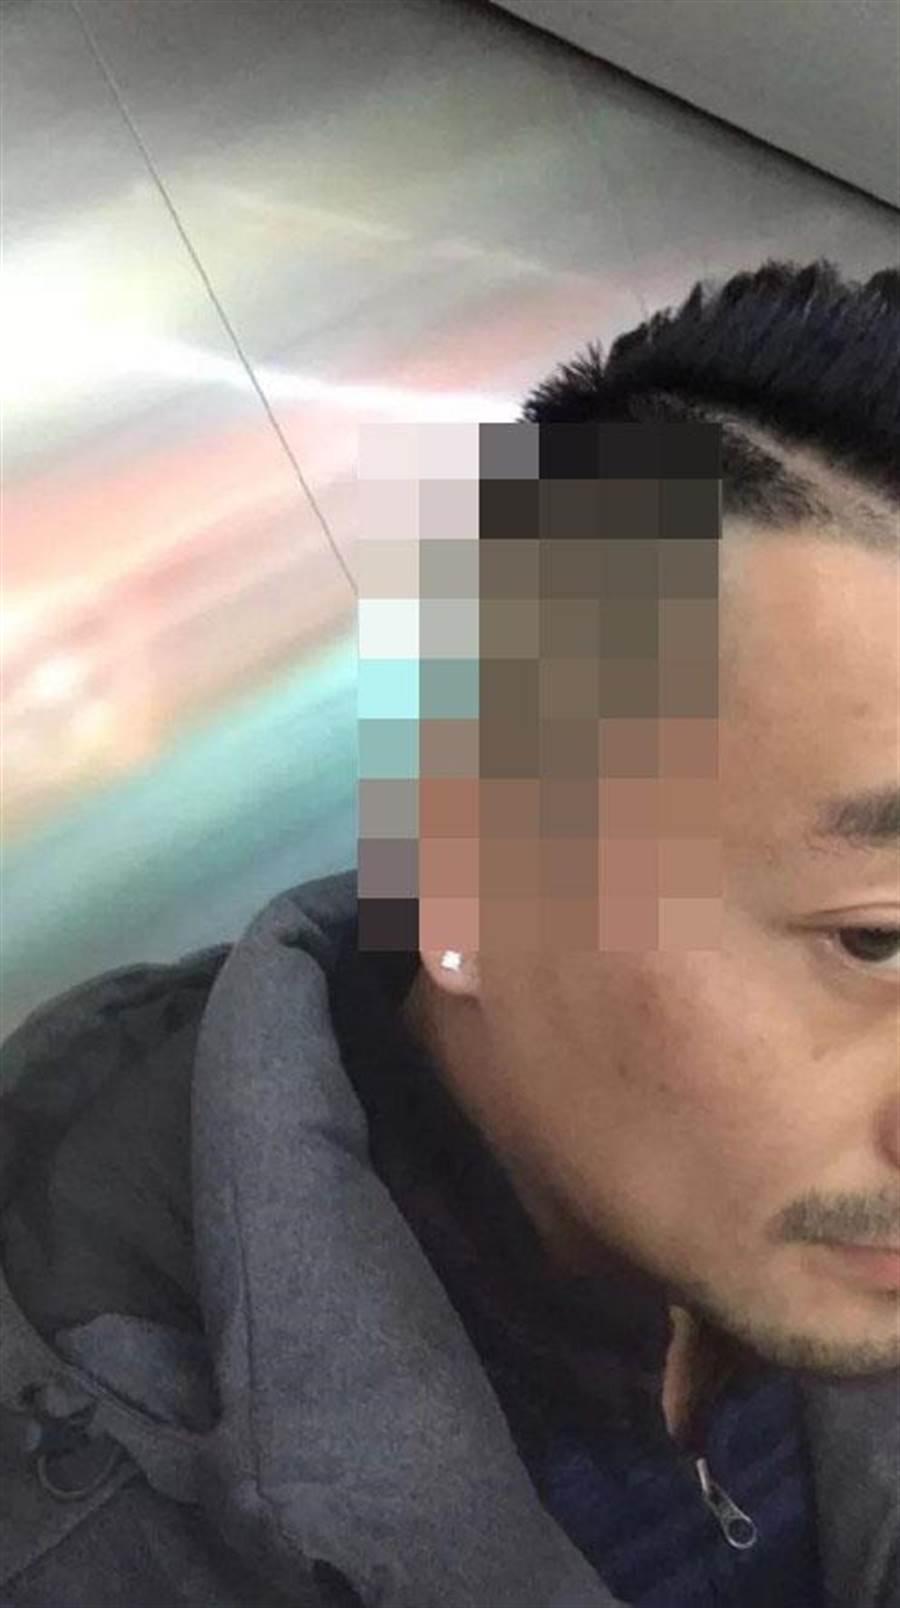 髮型師連這個都剪! 網笑噴:我忍不住點了(圖片取自/微博網站)